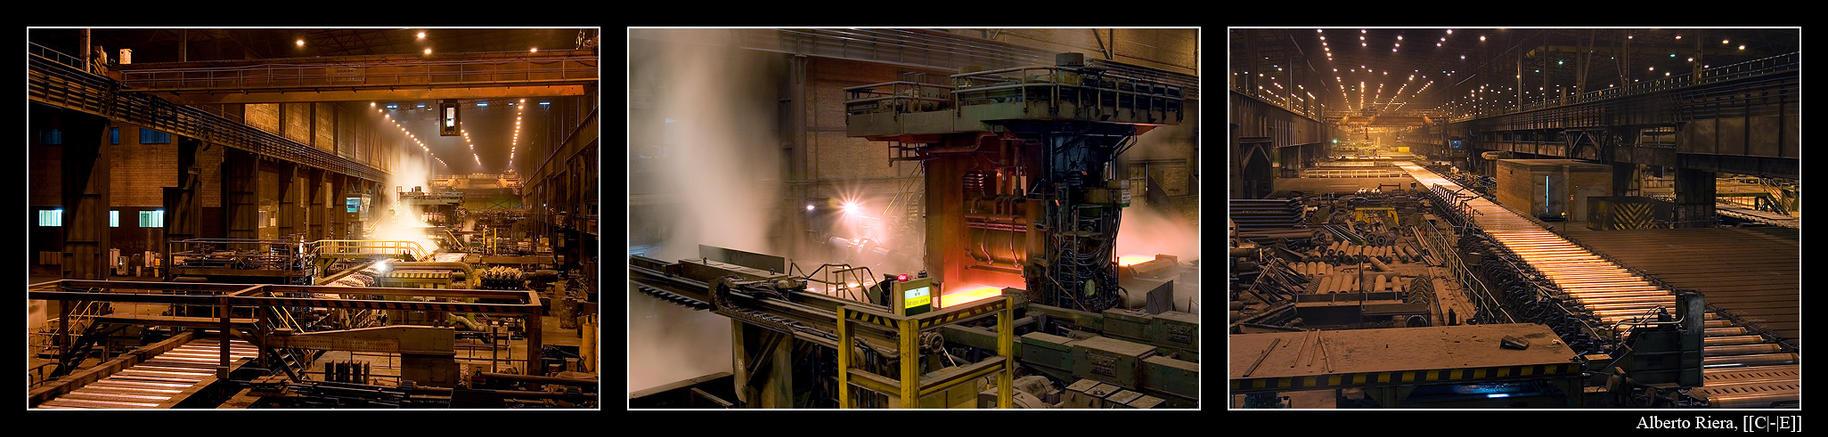 Rolling mill. by IICI-IEII